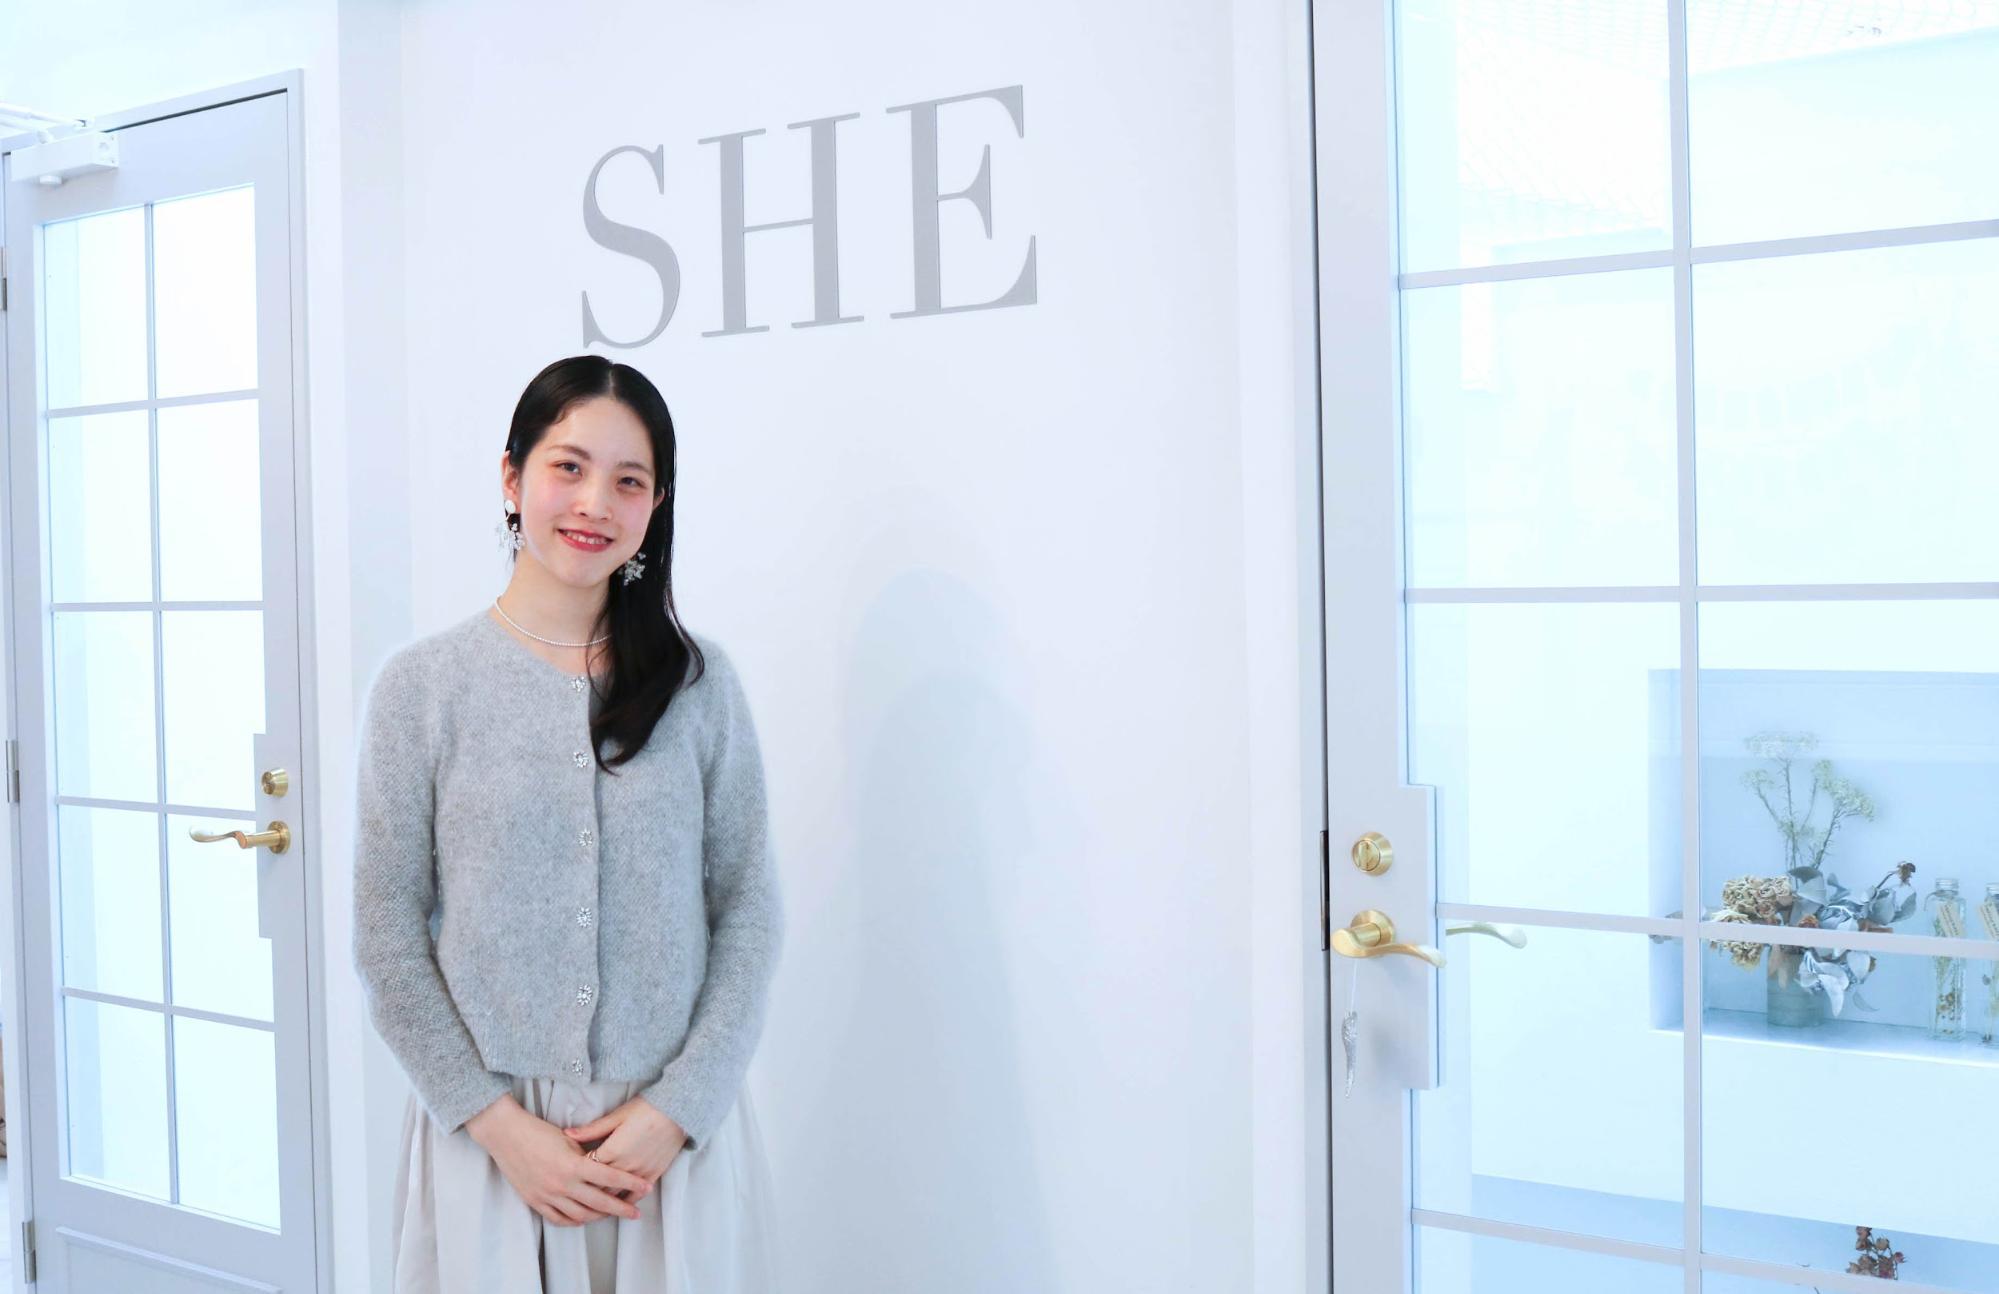 広報PRの使命は「会社の魅力を熱狂とともに伝えていくこと」——SHE中山紗彩 #私の職業哲学